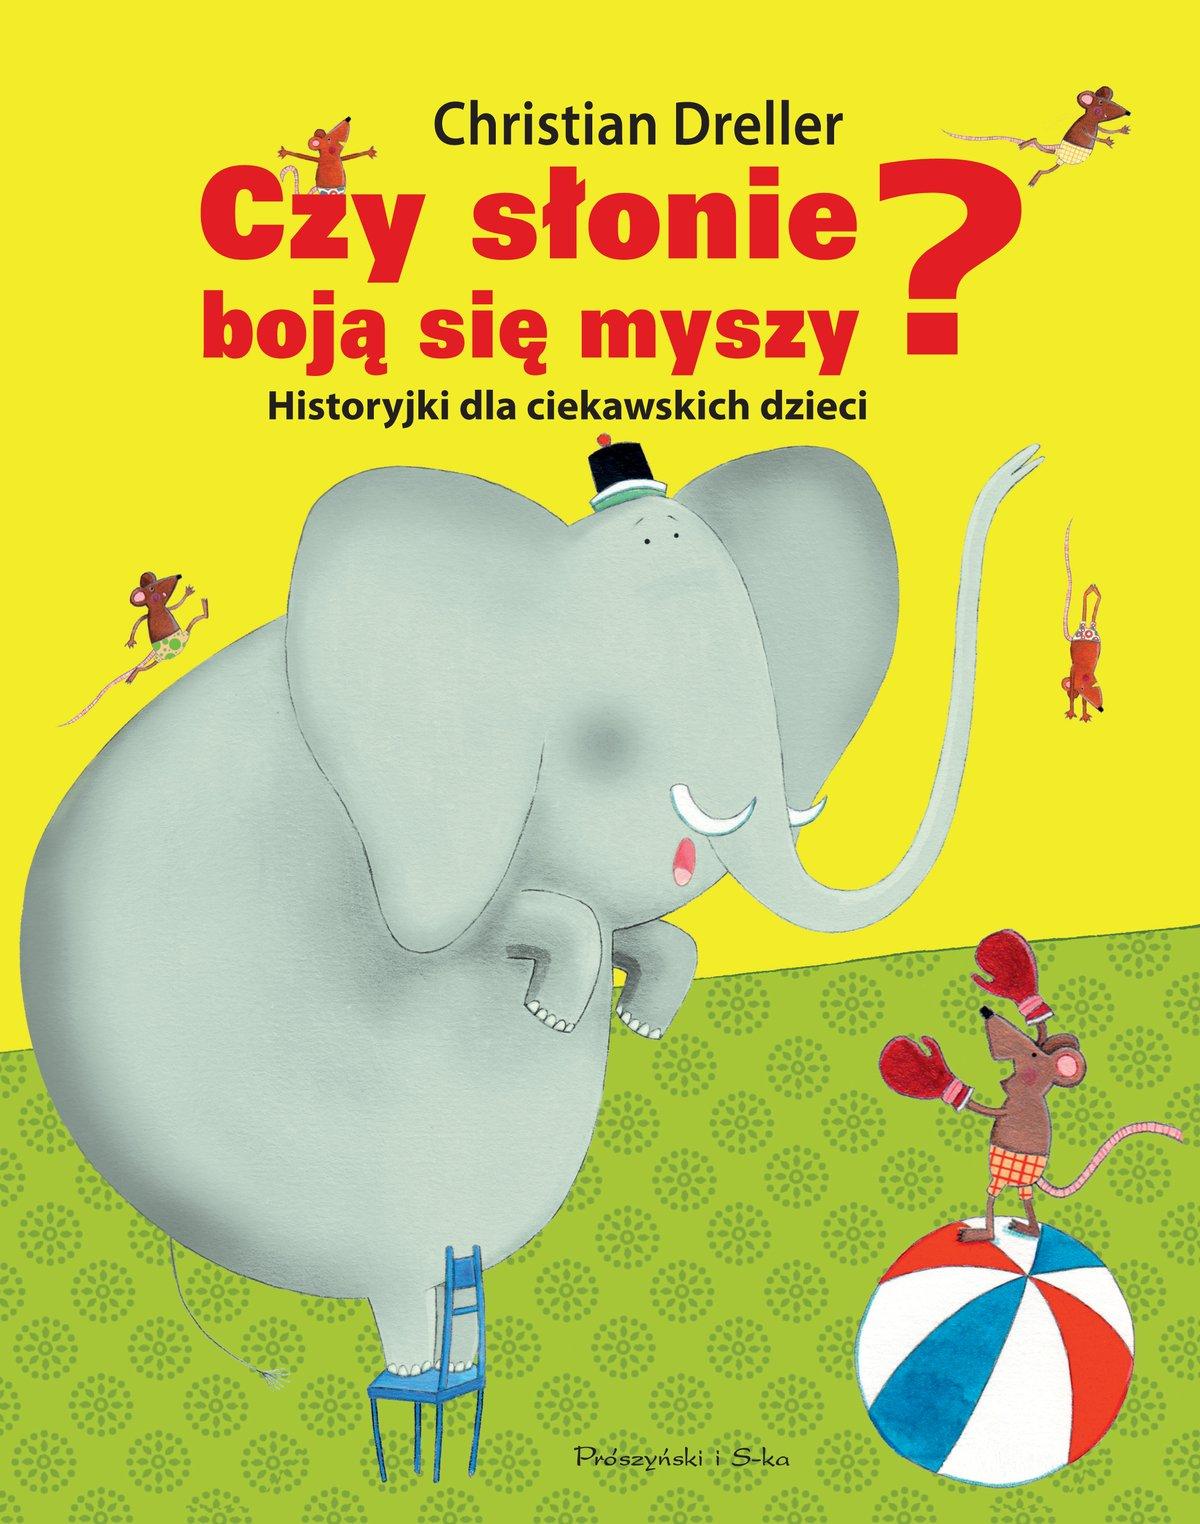 Czy słonie boją się myszy? Historyjki dla ciekawskich dzieci - Ebook (Książka na Kindle) do pobrania w formacie MOBI